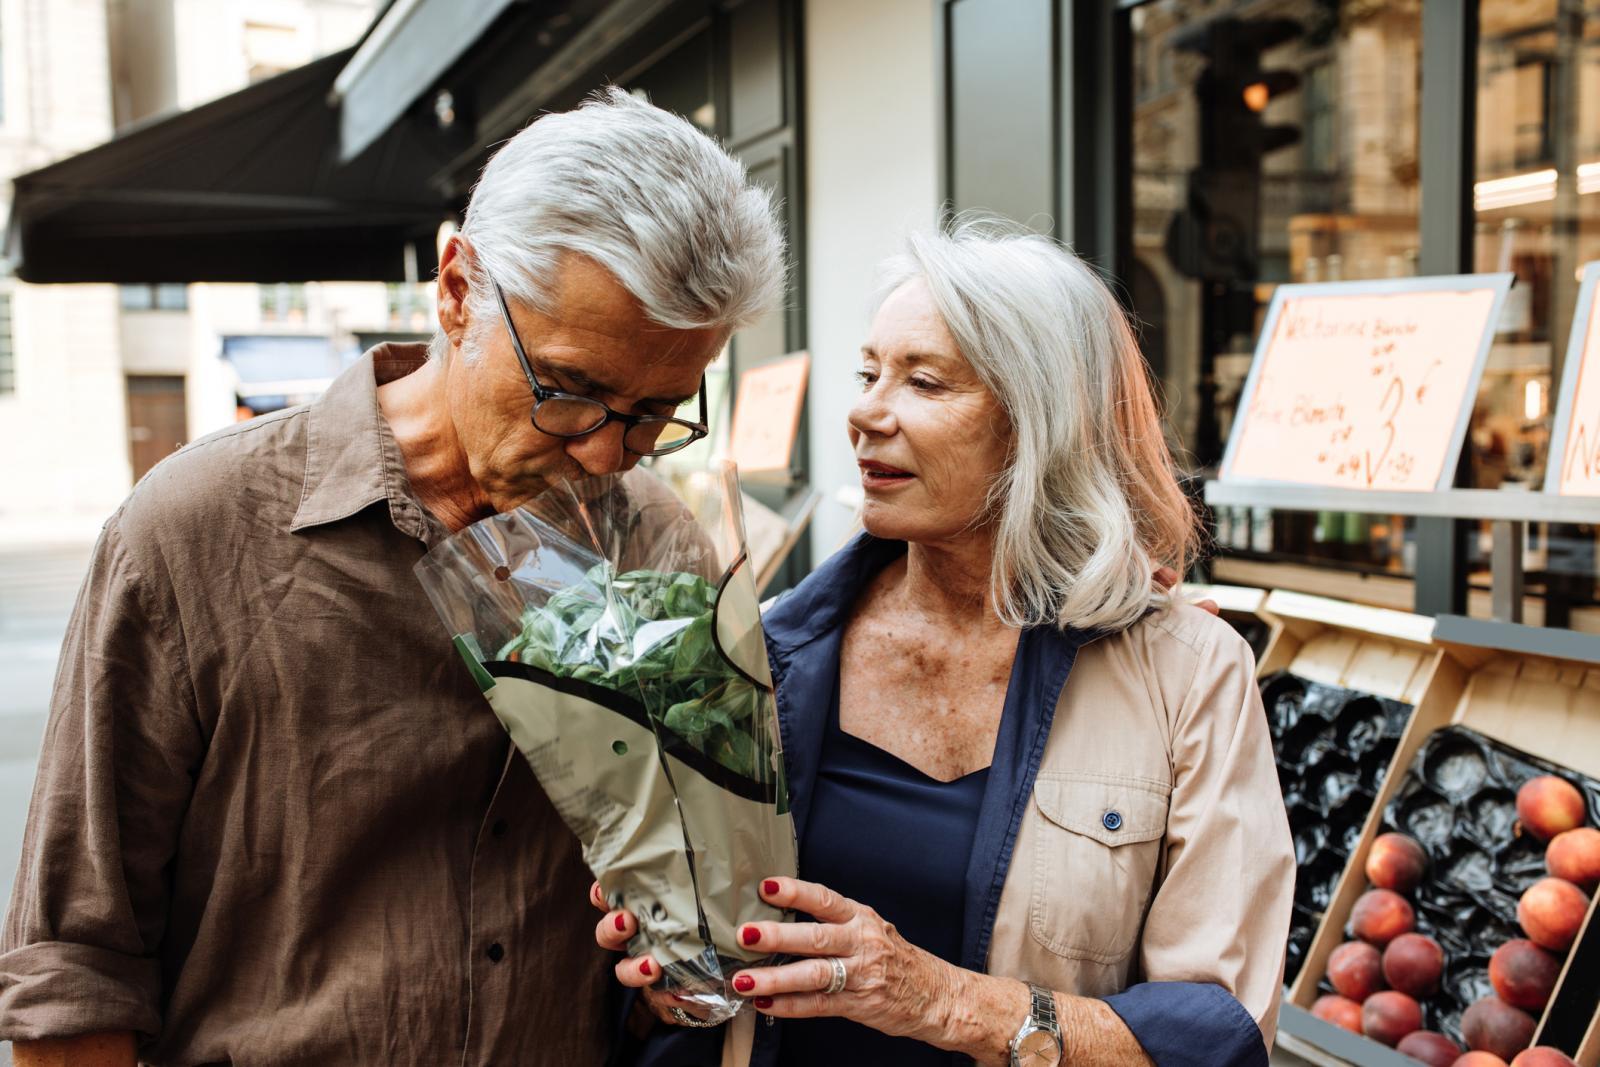 Osobe sa srčanom bolesti trebale bi pozvati pomoć ako bol traje dulje od dvije minute.